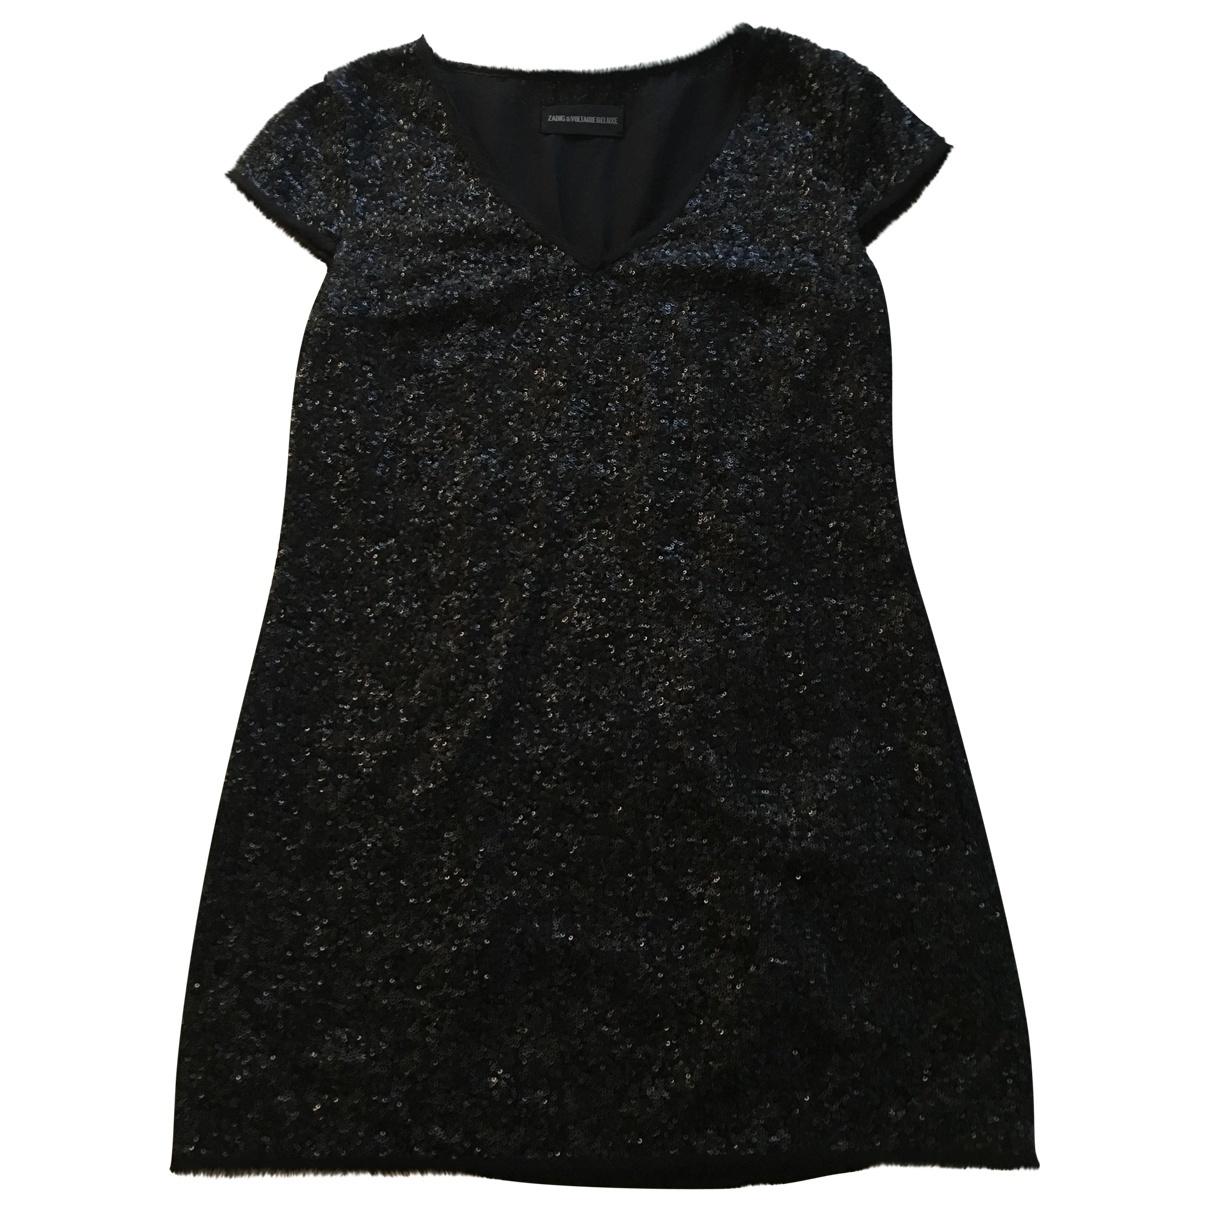 Zadig & Voltaire \N Black Glitter dress for Women M International